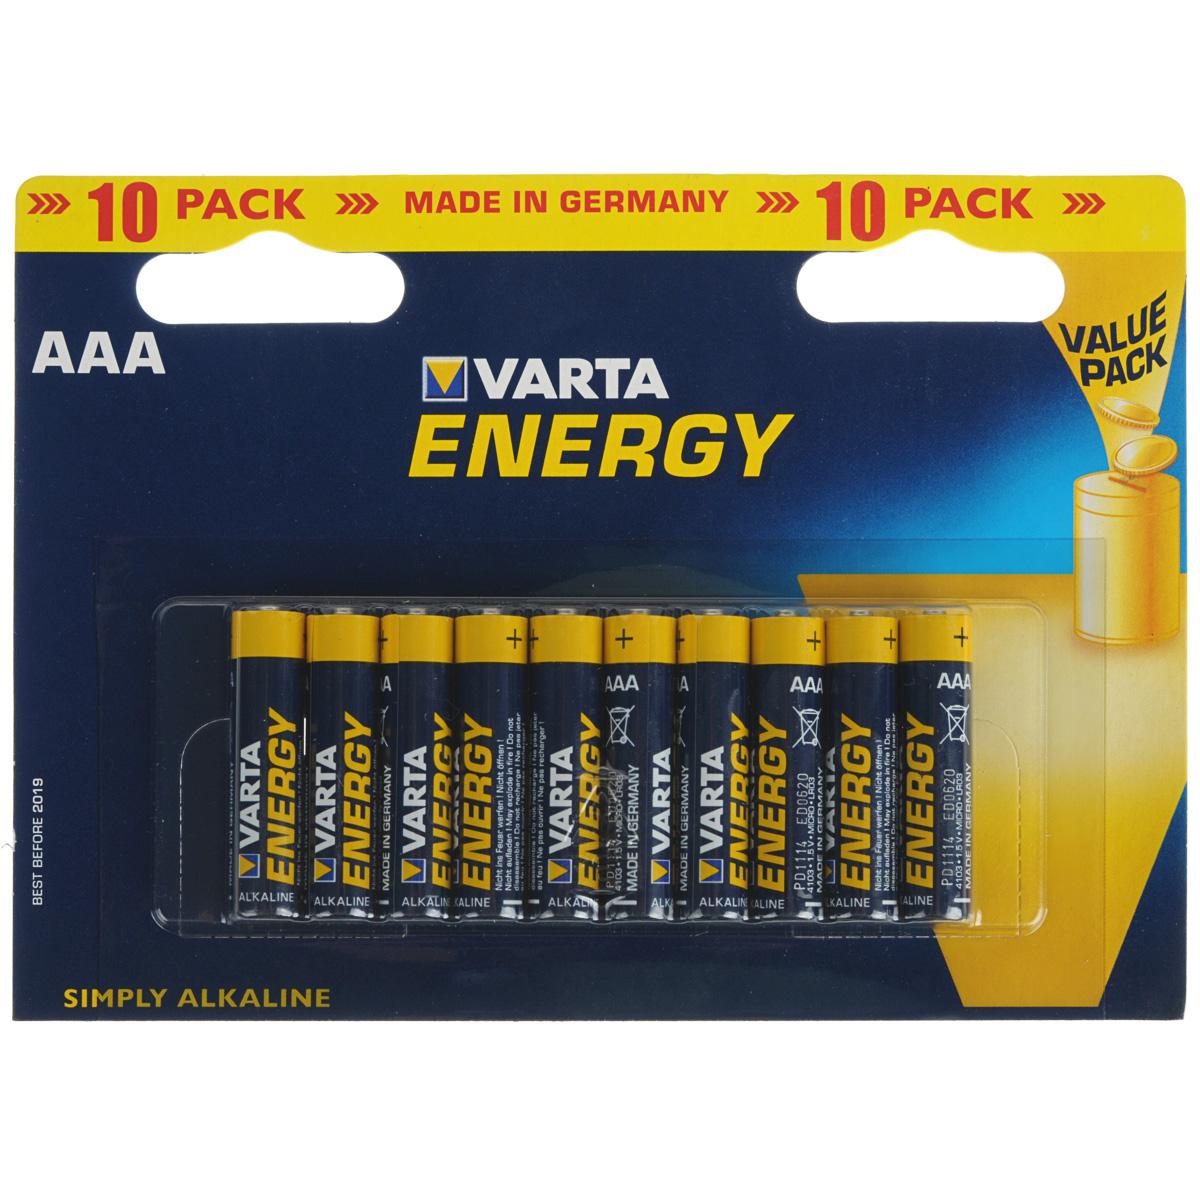 Батарейка Varta Energy, тип ААА, 1,5В, 10 шт38562Алкалиновые батарейки Varta Energy отличаются долгим сроком работы, подходят для аудио- видео- техники, а также другой электроники и бытовых приборов. Сделаны из качественных материалов.